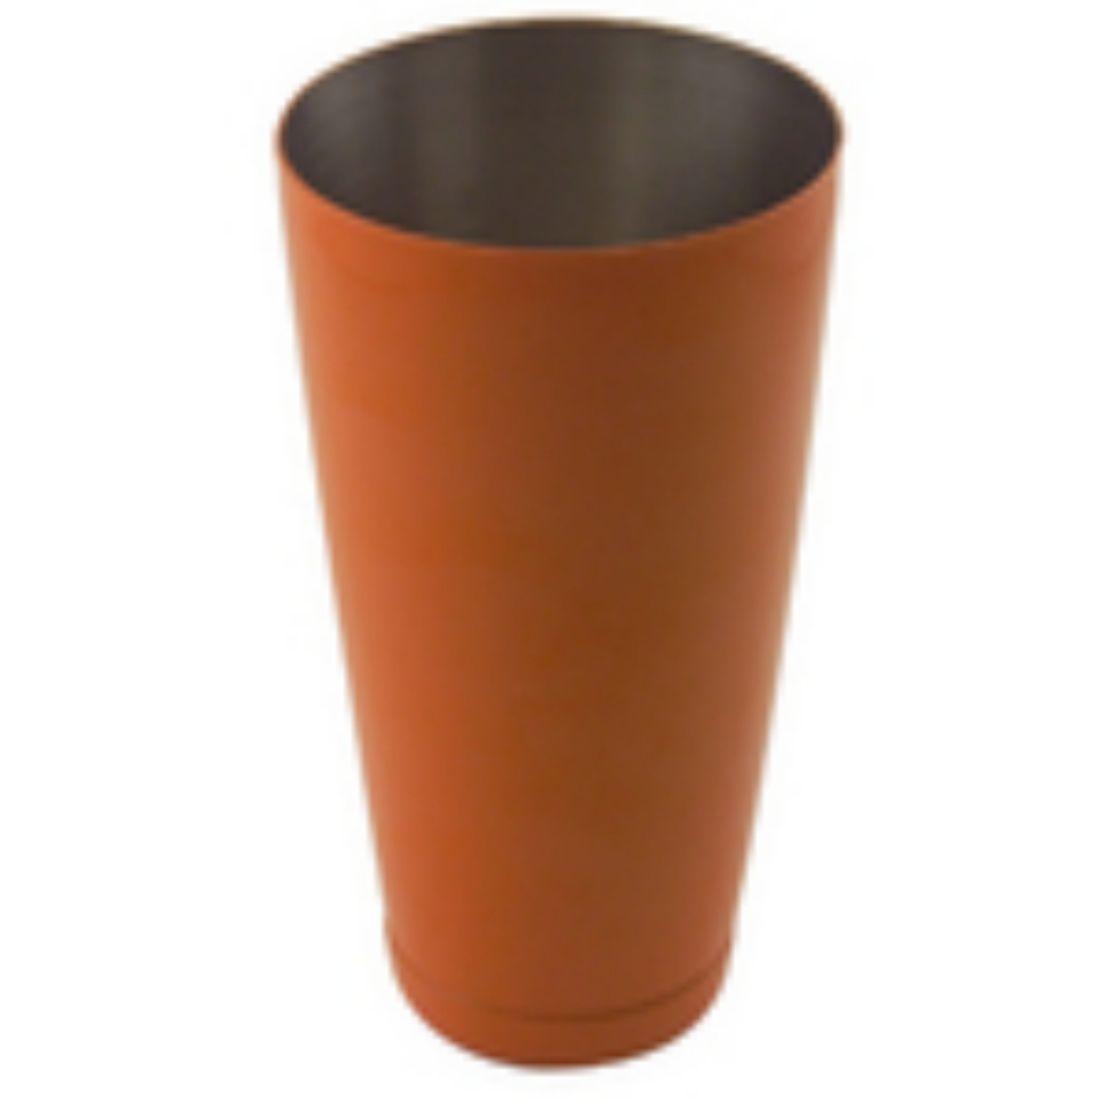 Shaker Boston STYLE 0,8 l, oranžový